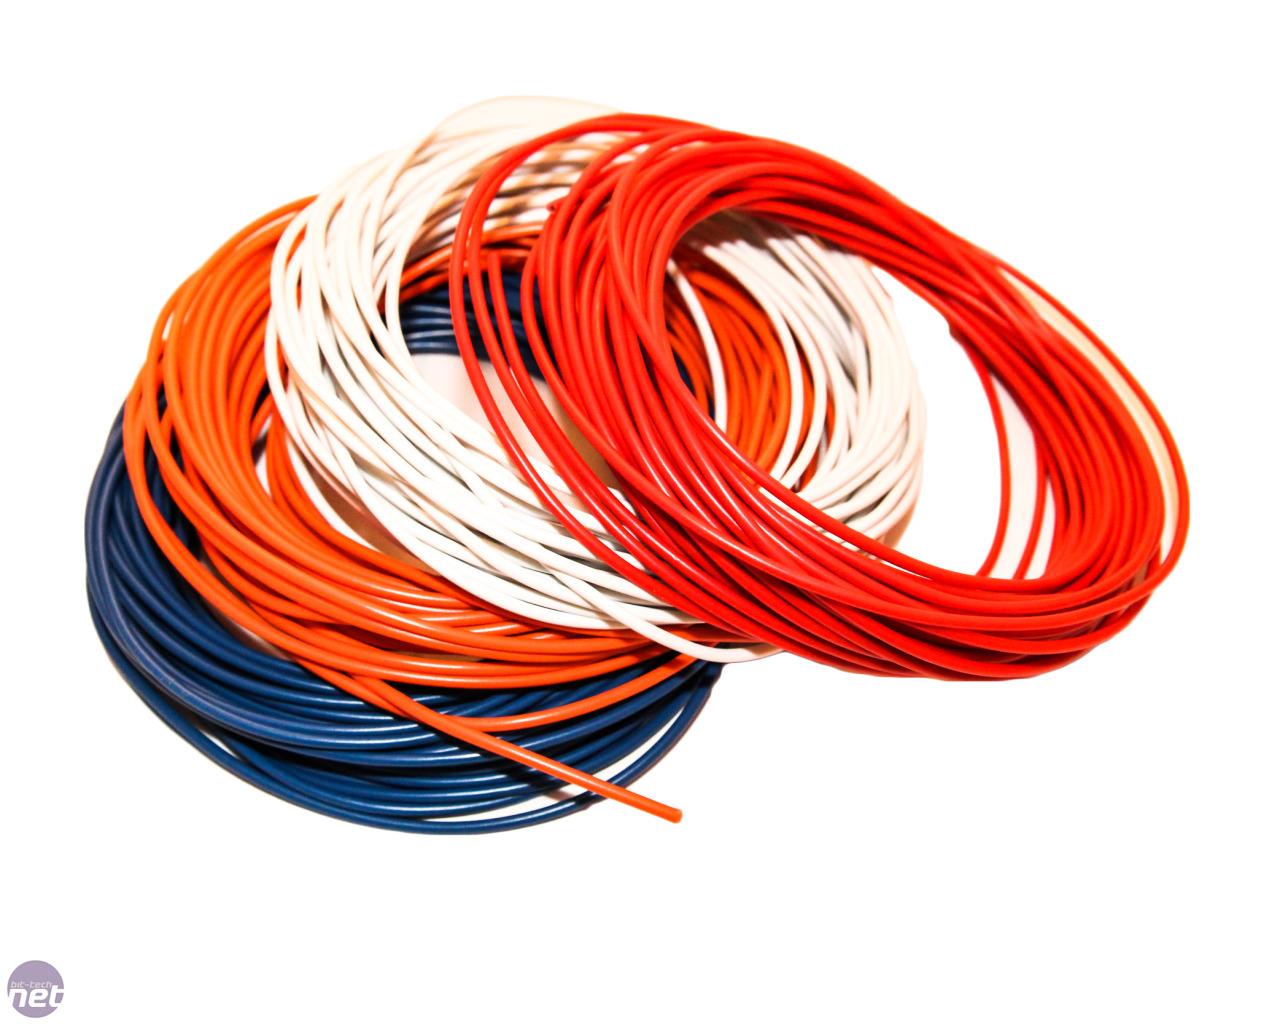 Harga Kabel Listrik Terbaru